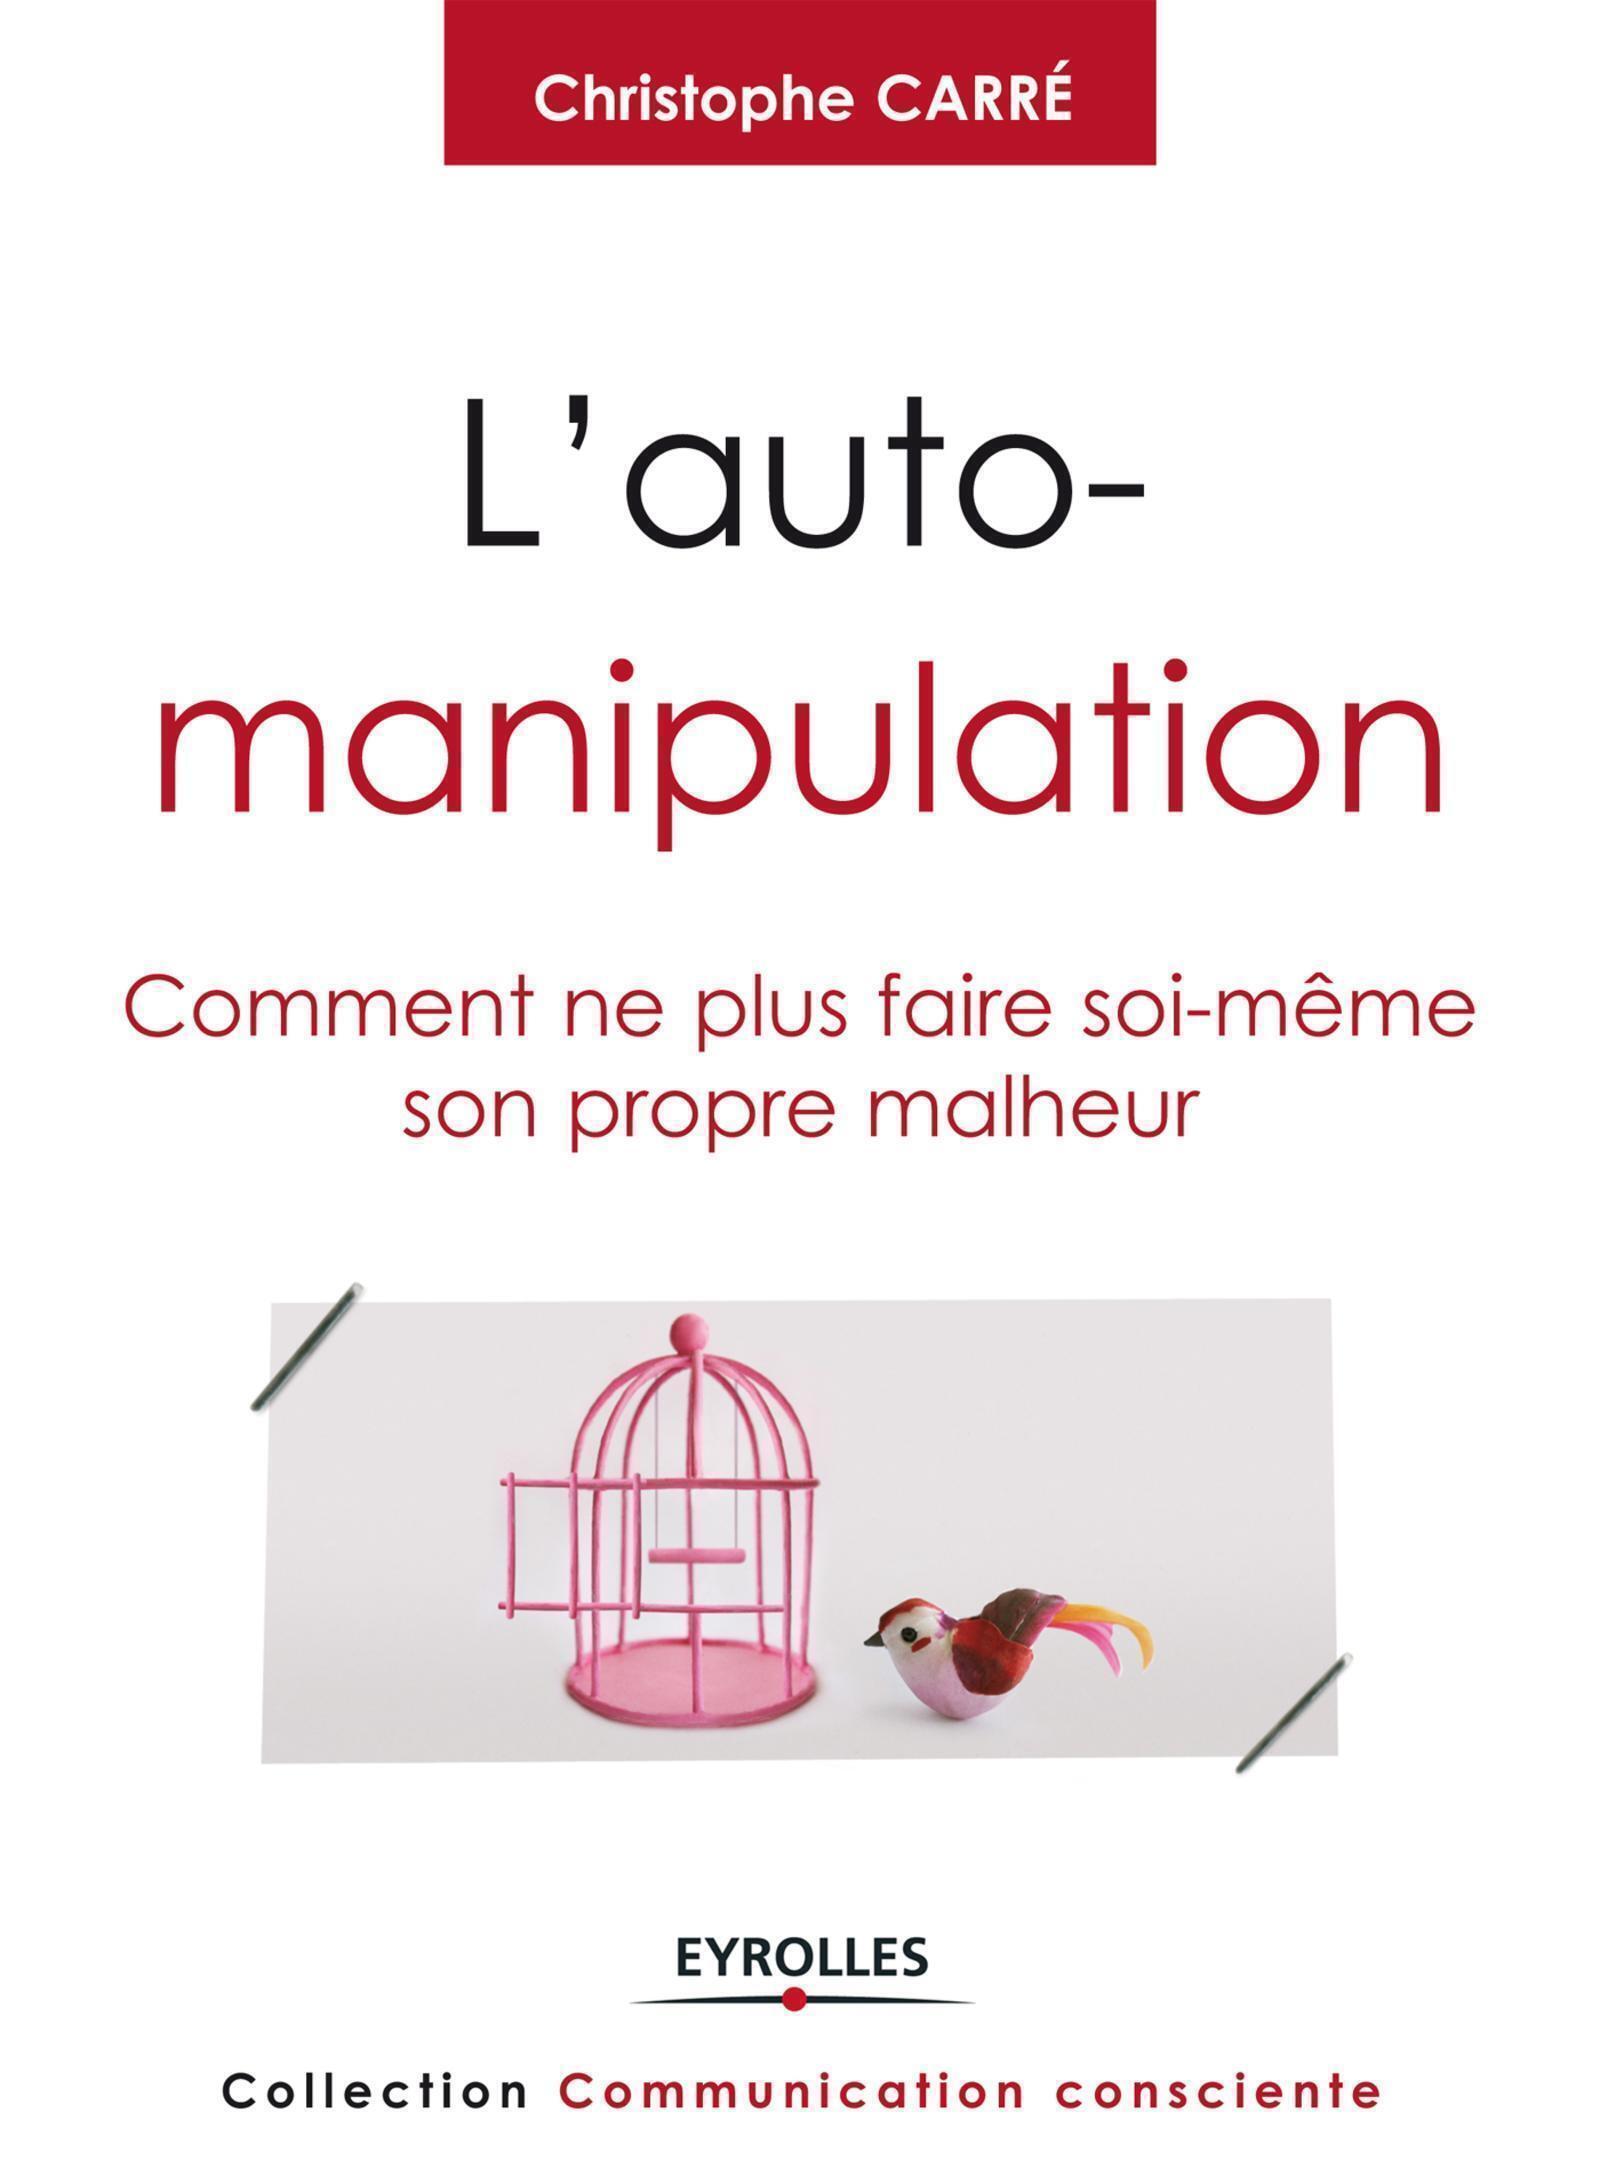 L'AUTO-MANIPULATION COMMENT NE PLUS FAIRE SOI-MEME SON PROPRE MALHEUR